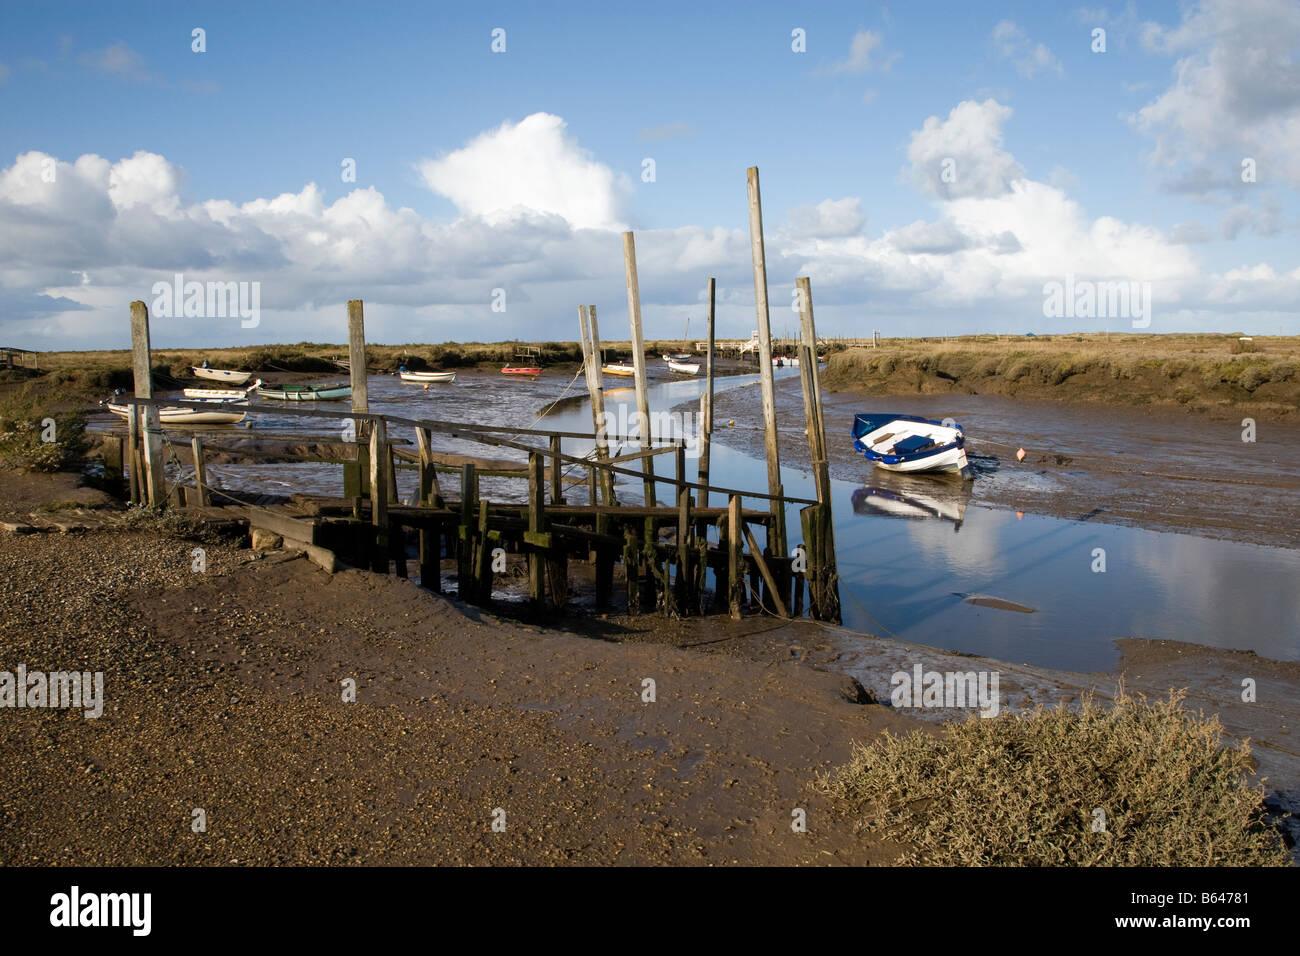 Morston quay en marea baja, al norte de Norfolk. Foto de stock